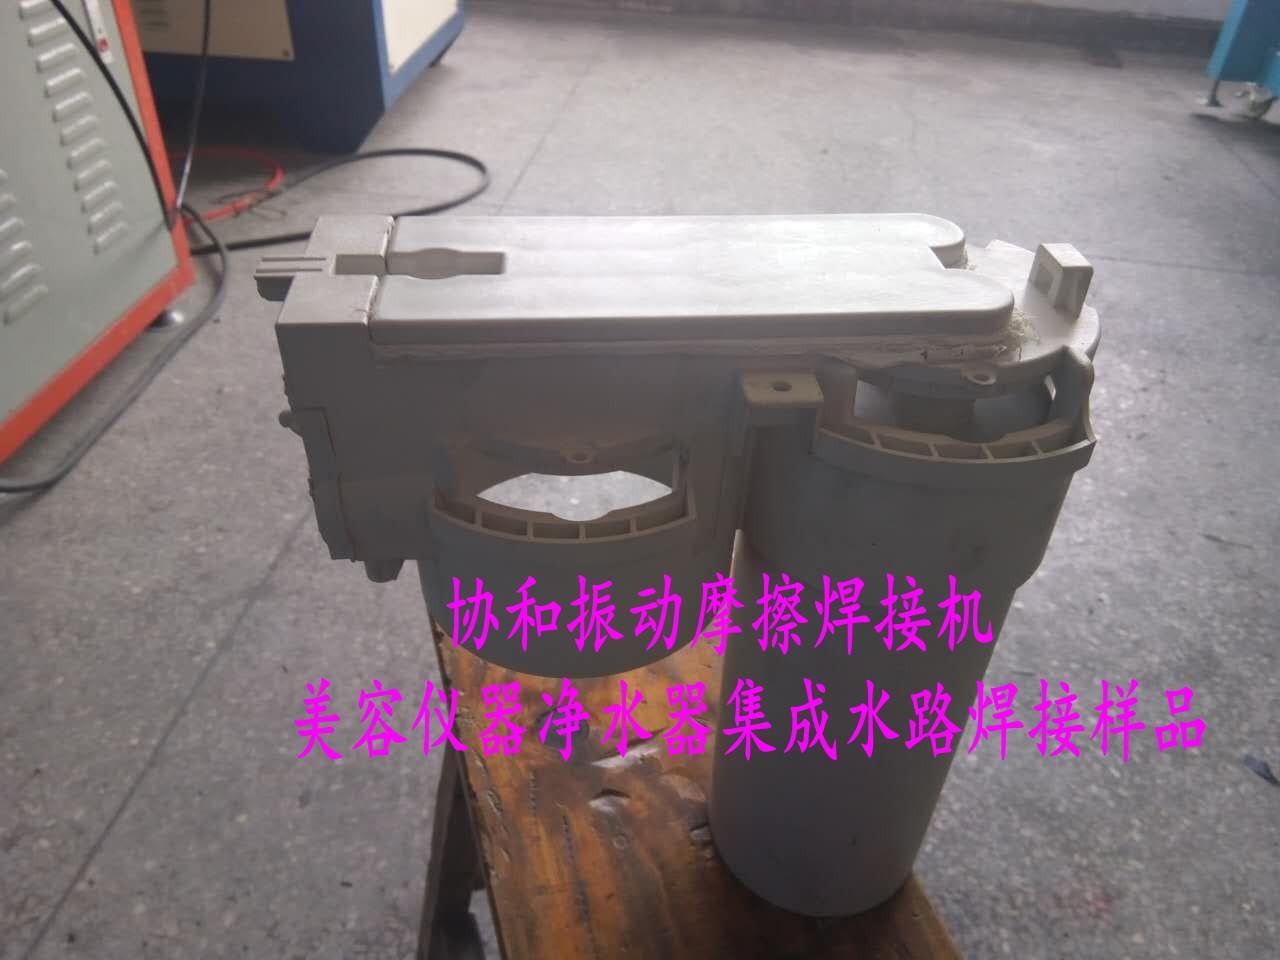 振动摩擦焊接尼龙PP塑胶 量大从优振动摩擦焊接机加工示例图12